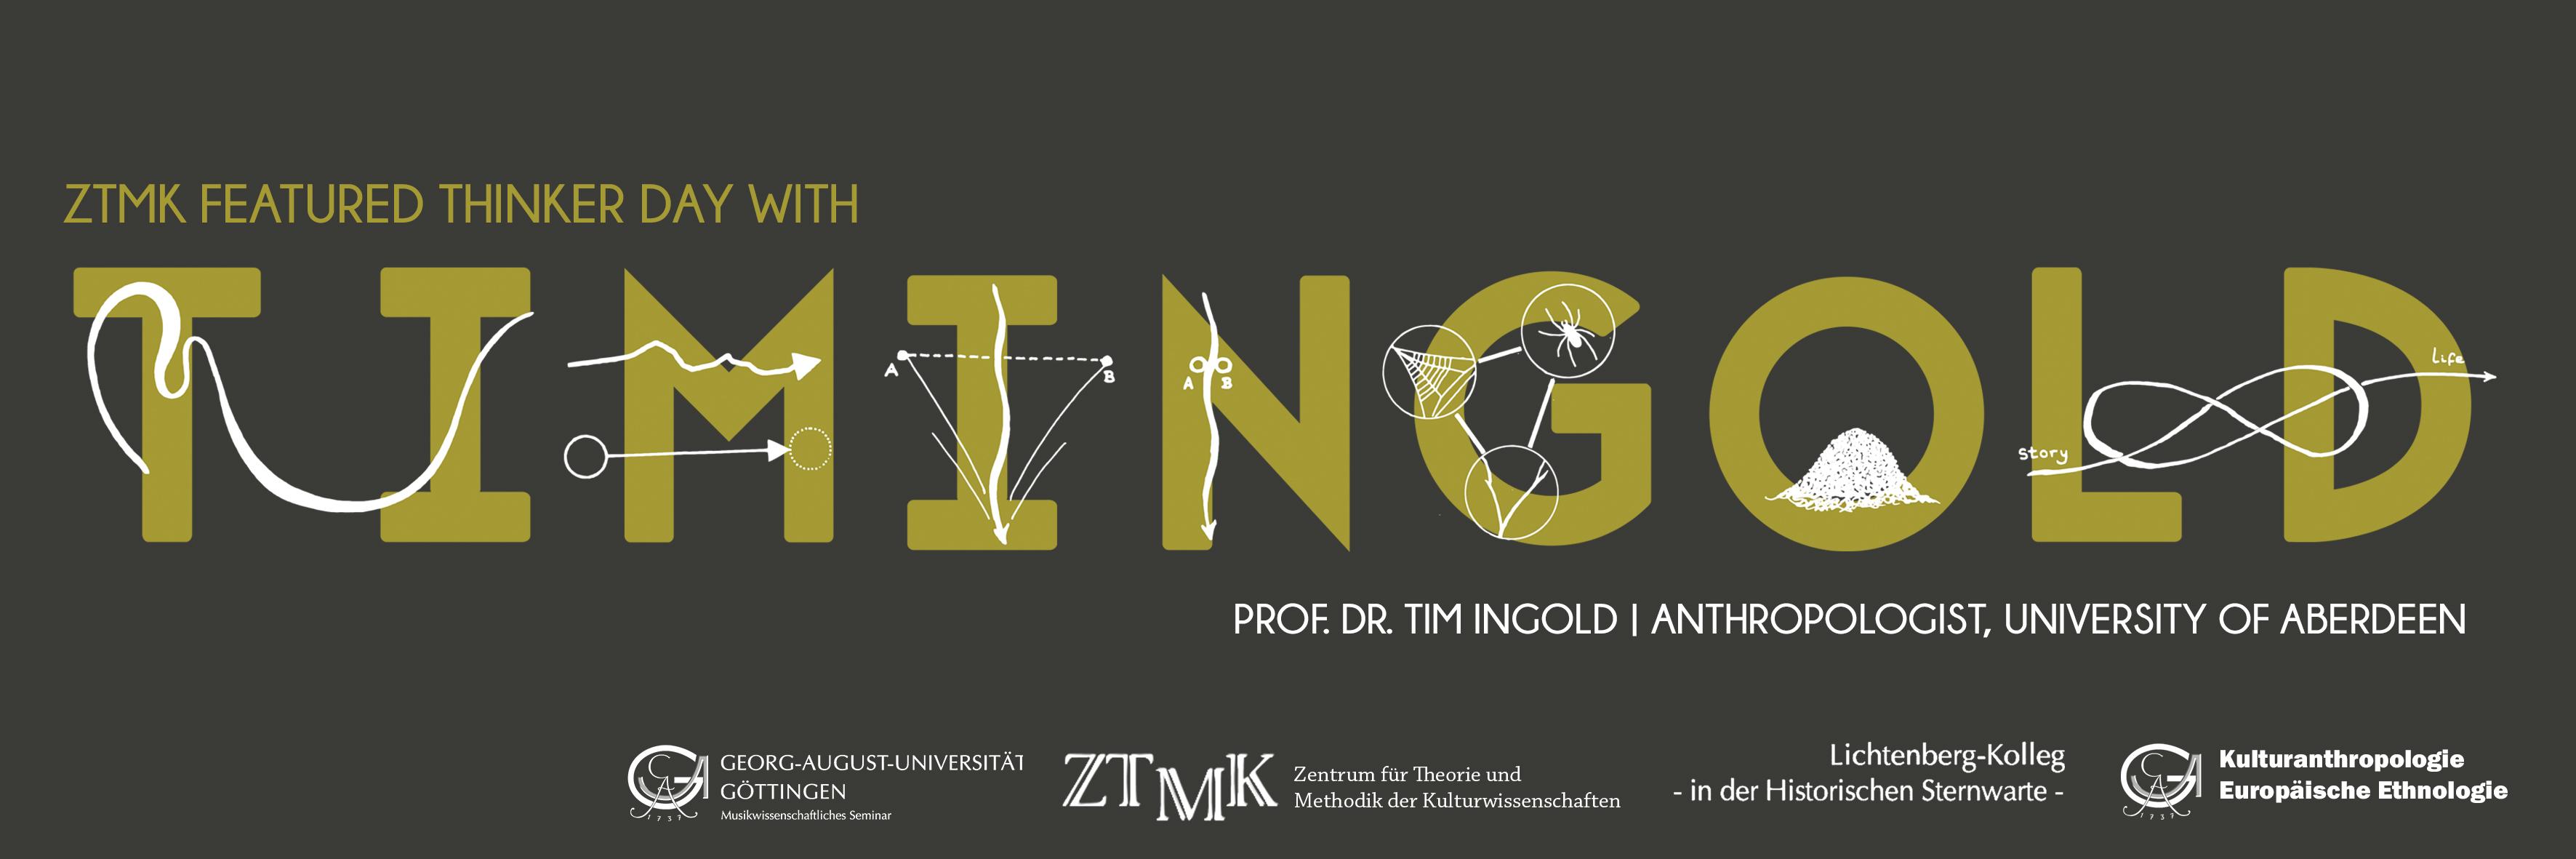 TIM INGOLD Banner